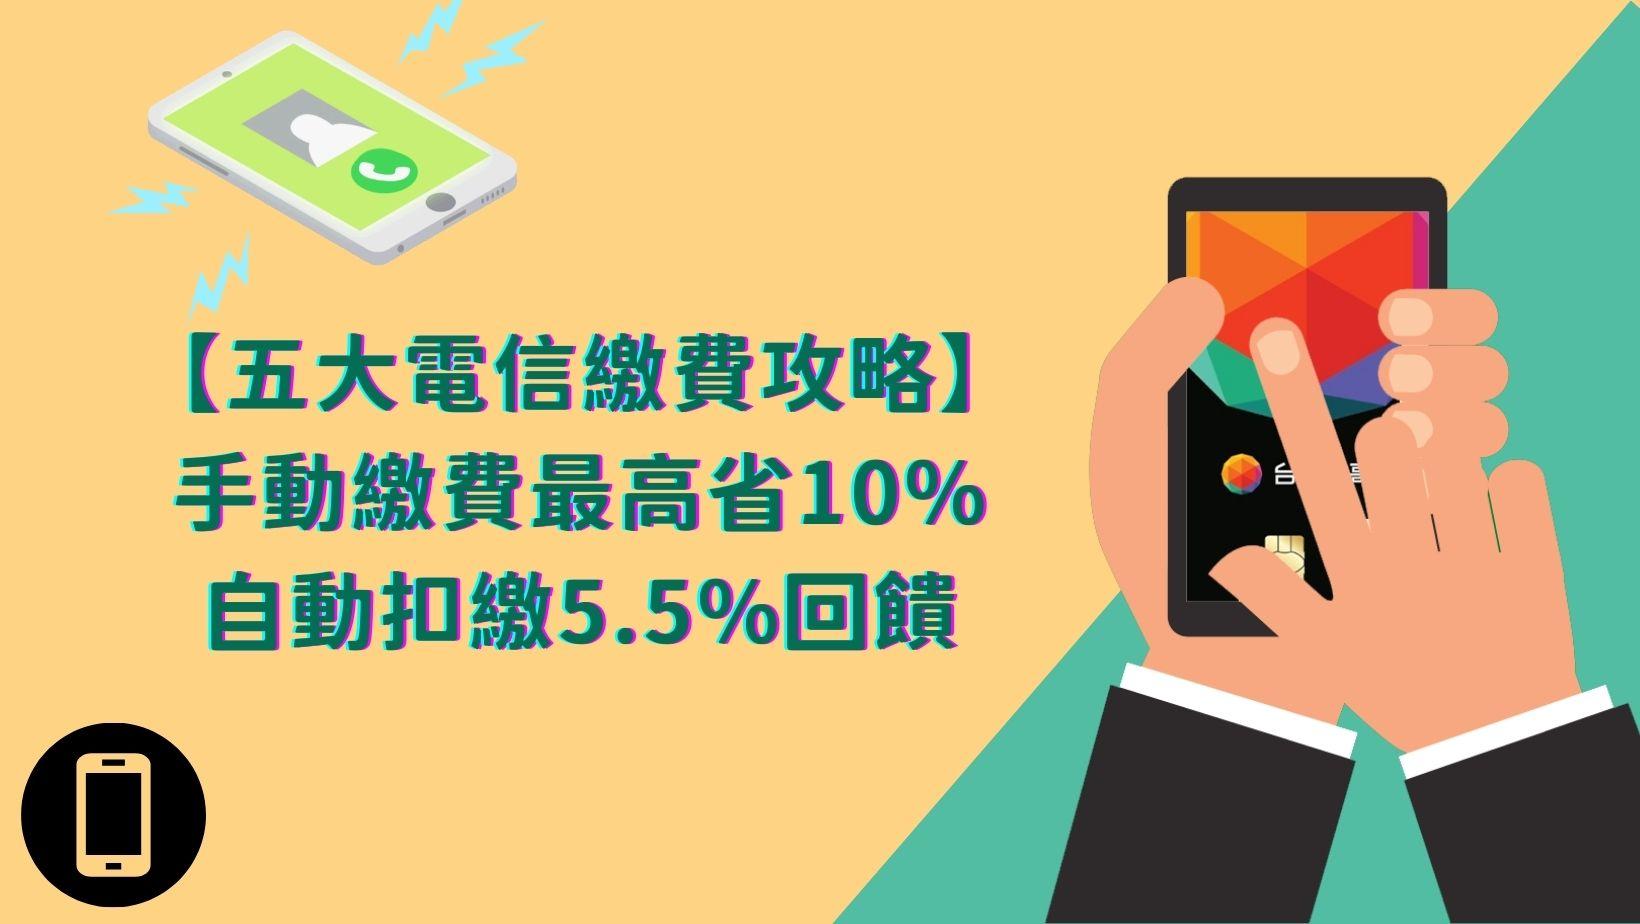 【5大電信費信用卡推薦】2021下半年最高省10%固定繳費支出